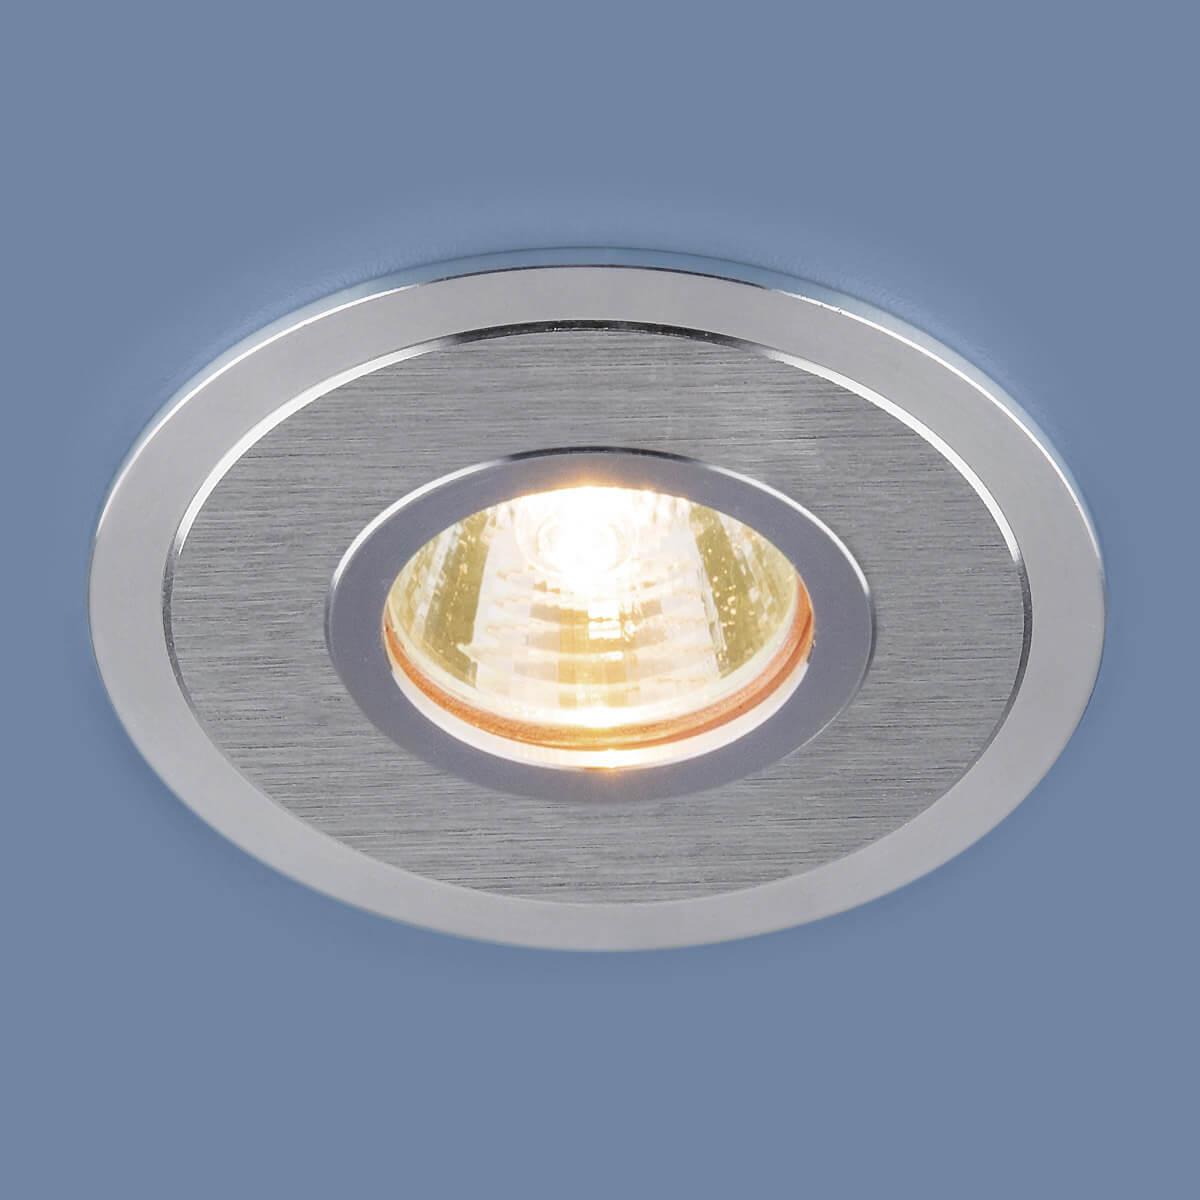 Встраиваемый светильник Elektrostandard 2016 MR16 SCH сатин хром 4690389064159 цена